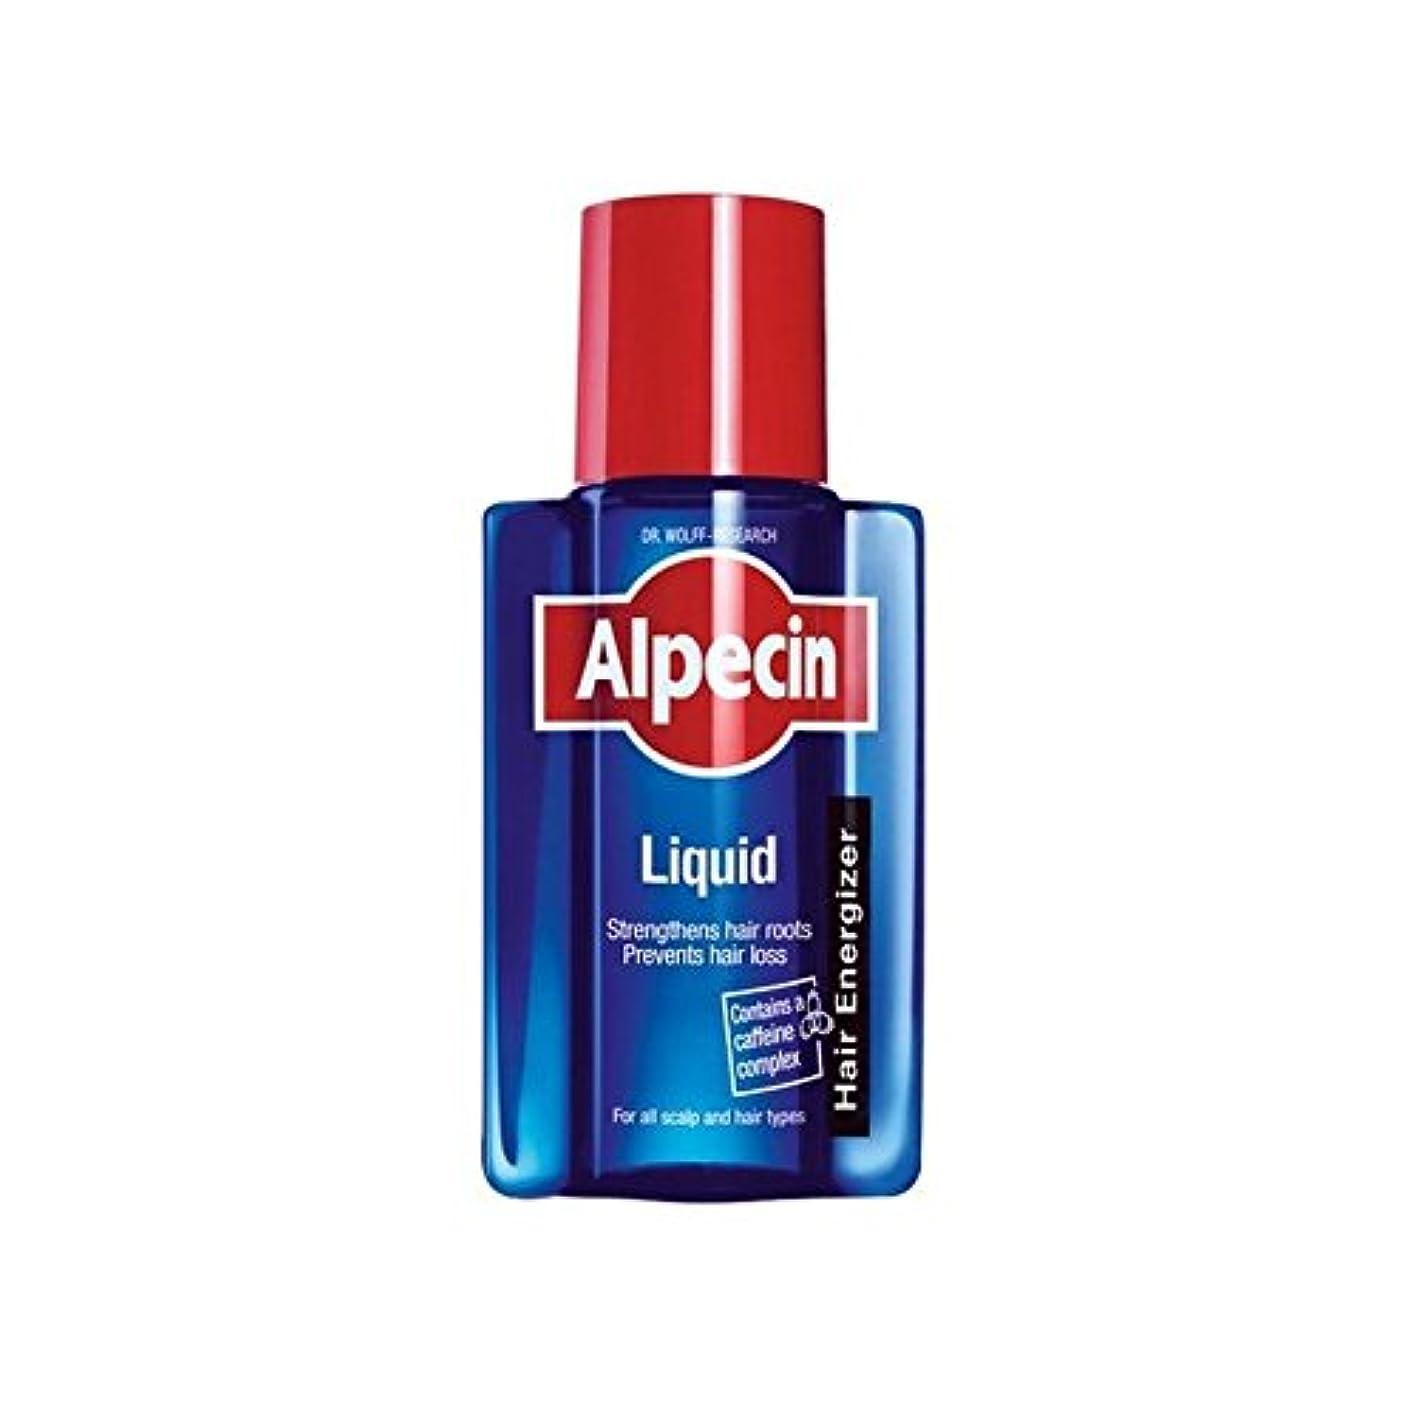 思想ピルマザーランドAlpecin Liquid (200ml) - 液体(200)中 [並行輸入品]